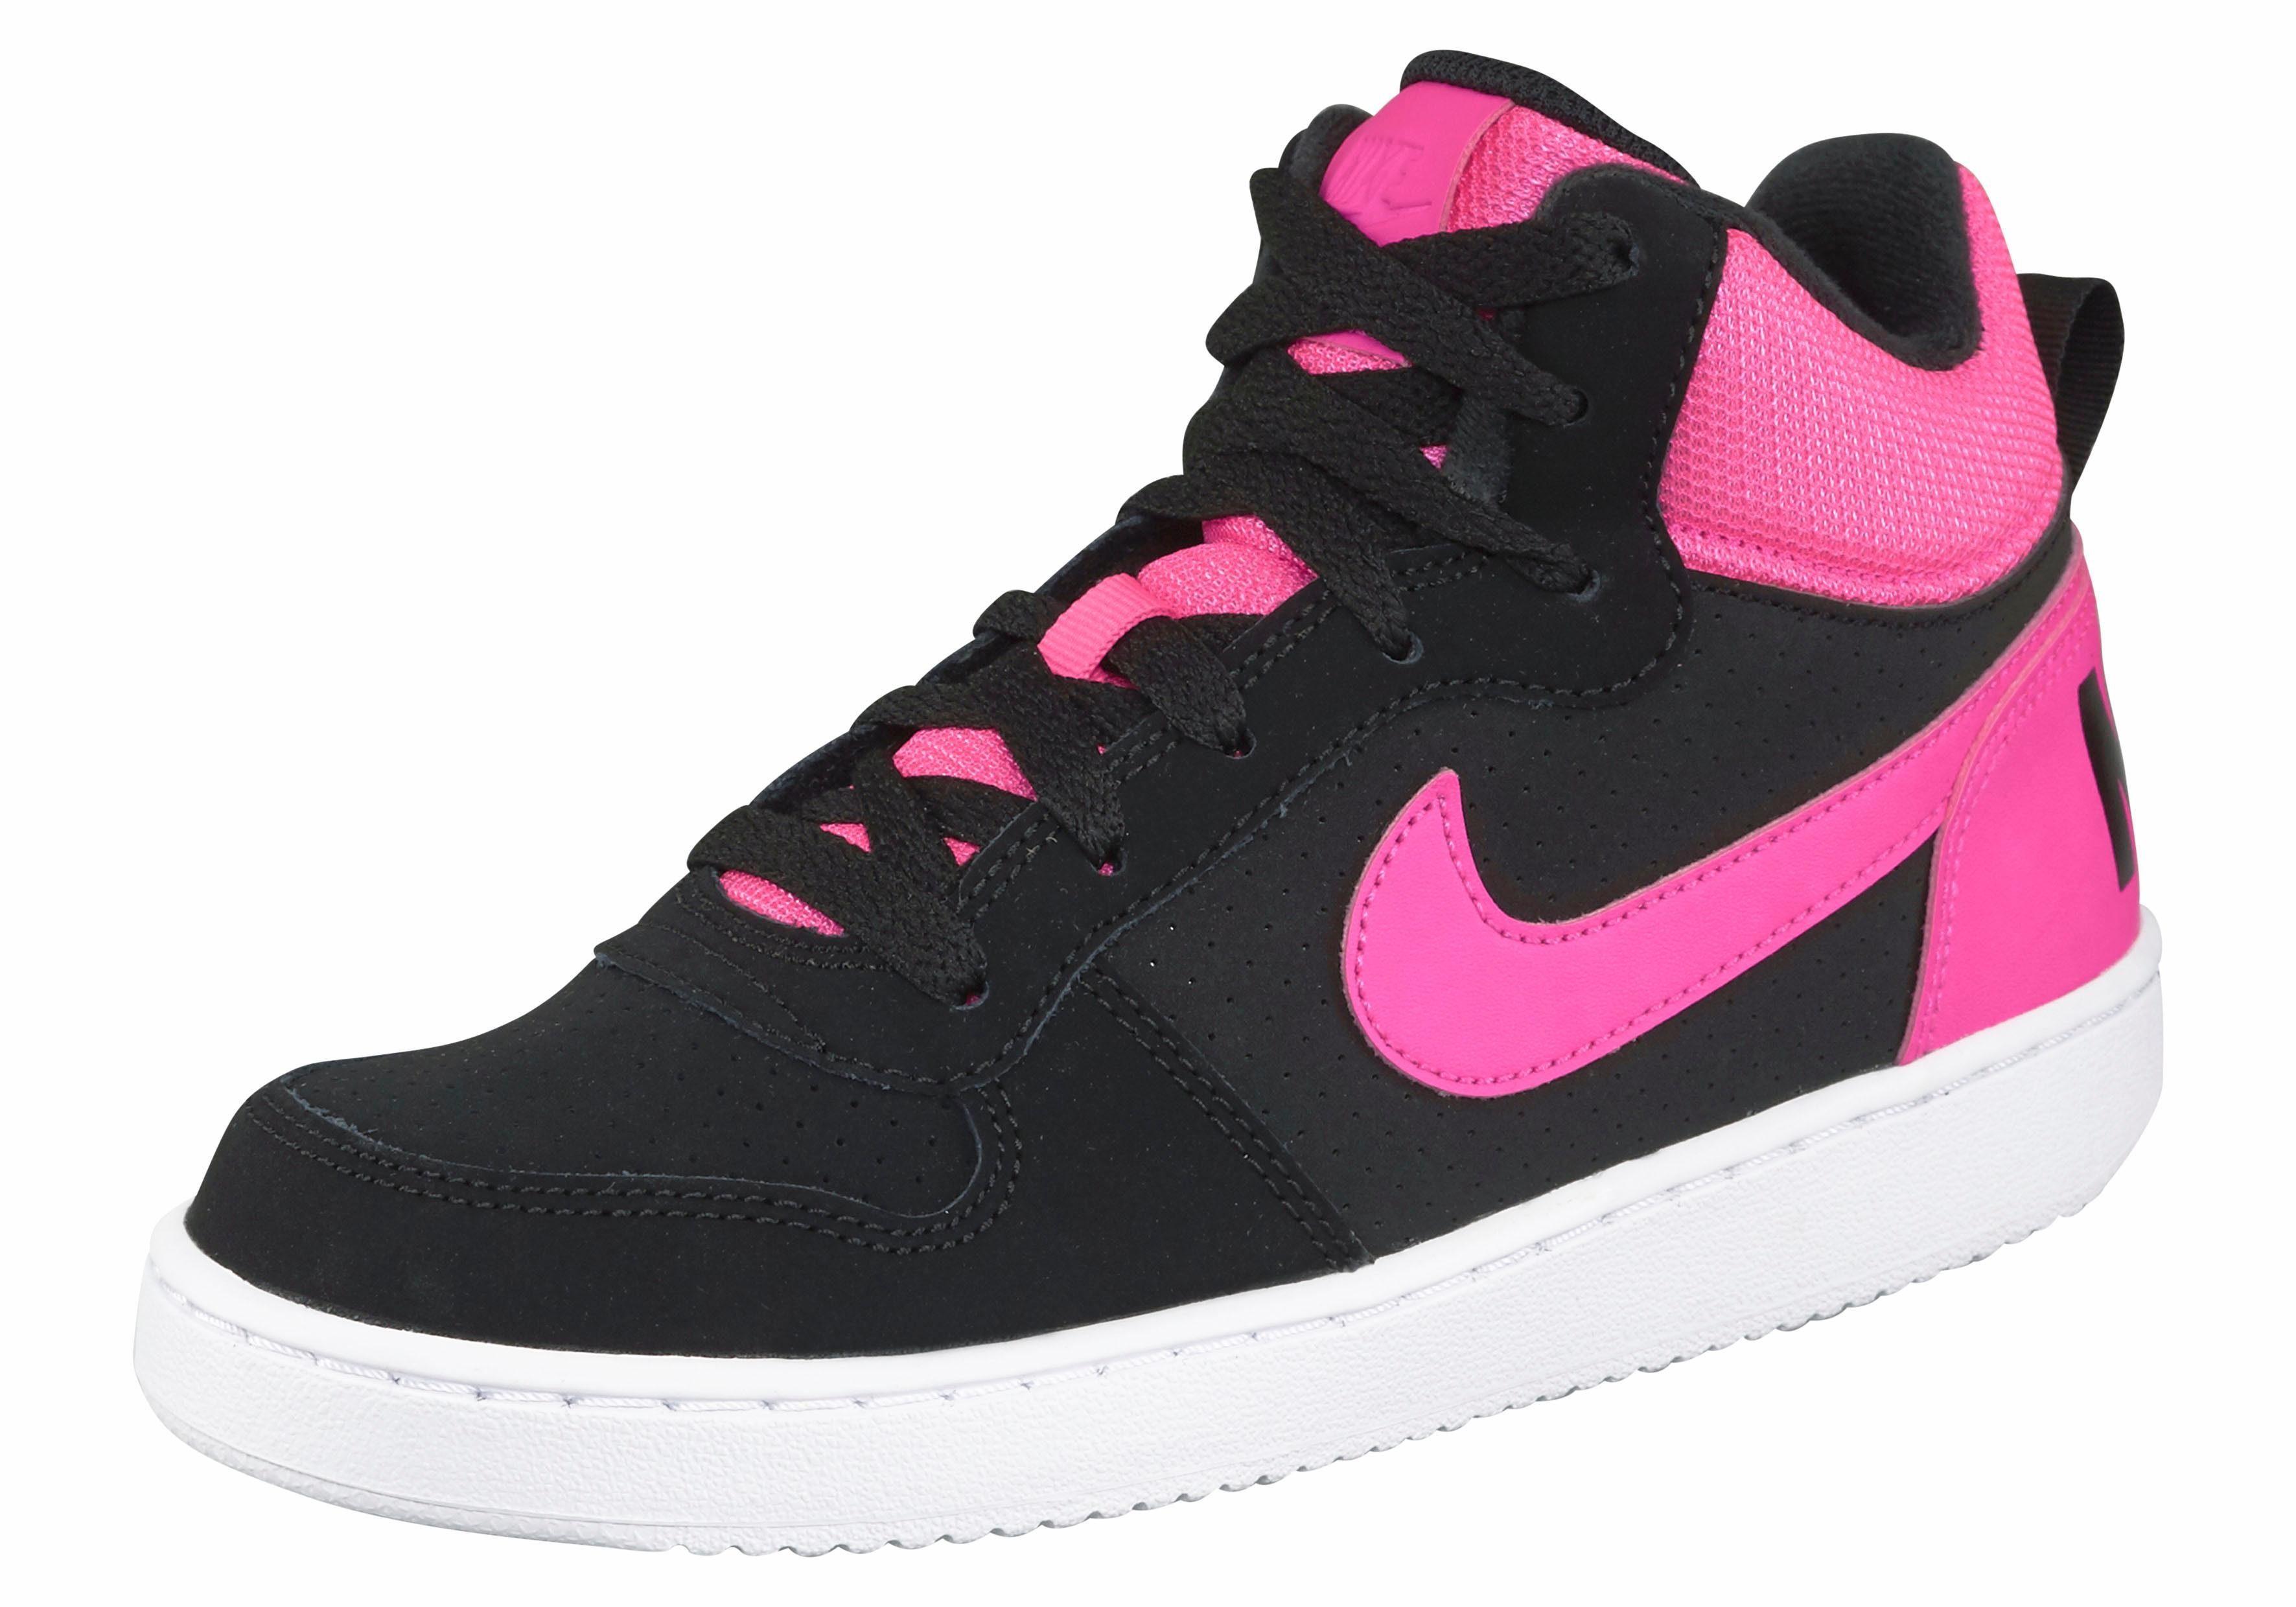 Nike Chaussures De Sport »loisirs Milieu« ykpYNtR